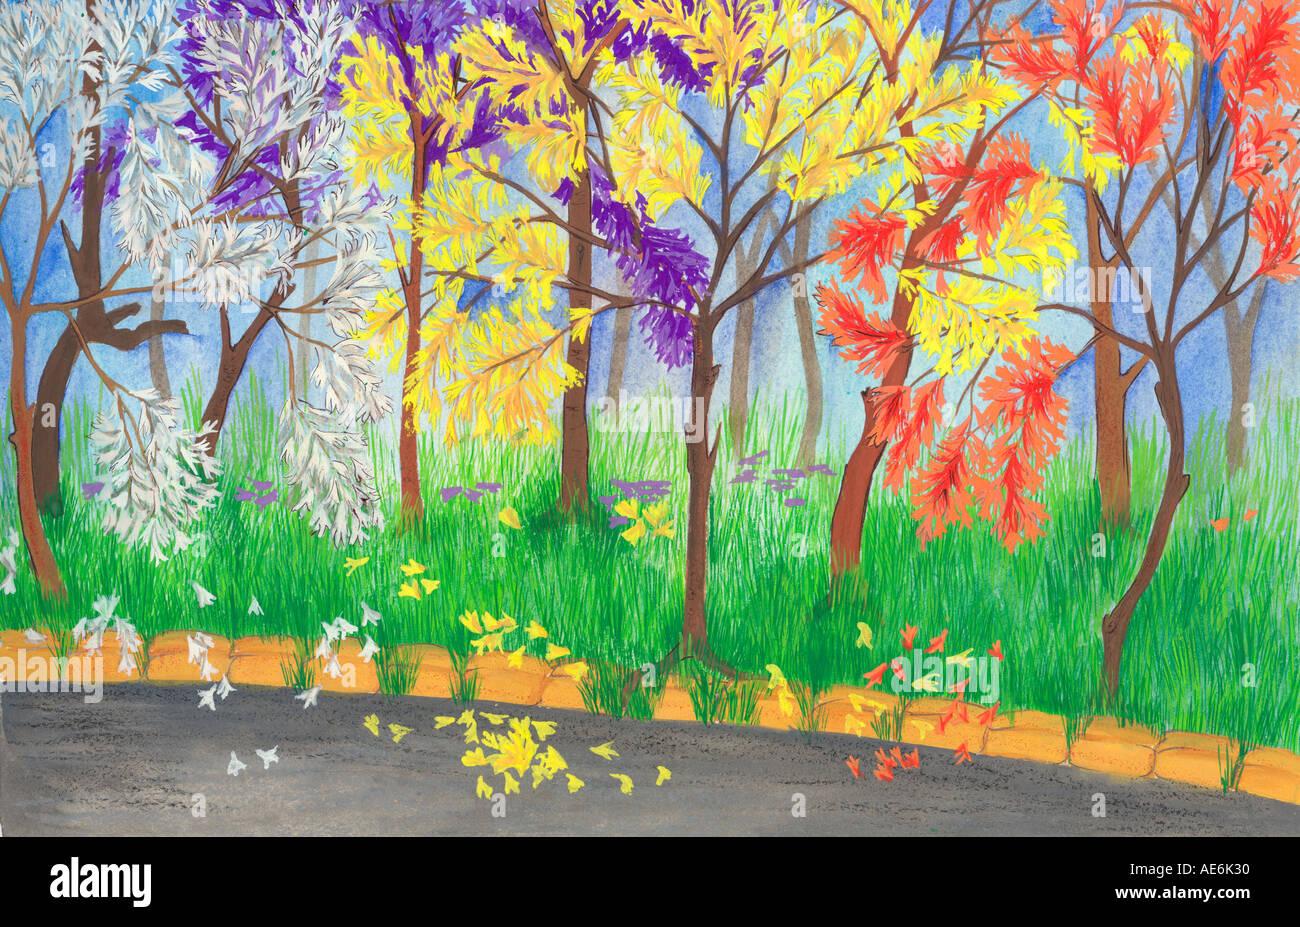 Ei71026 Peinture Dessin illustration couleur de jardin avec des arbres et herbe verte en Inde Photo Stock